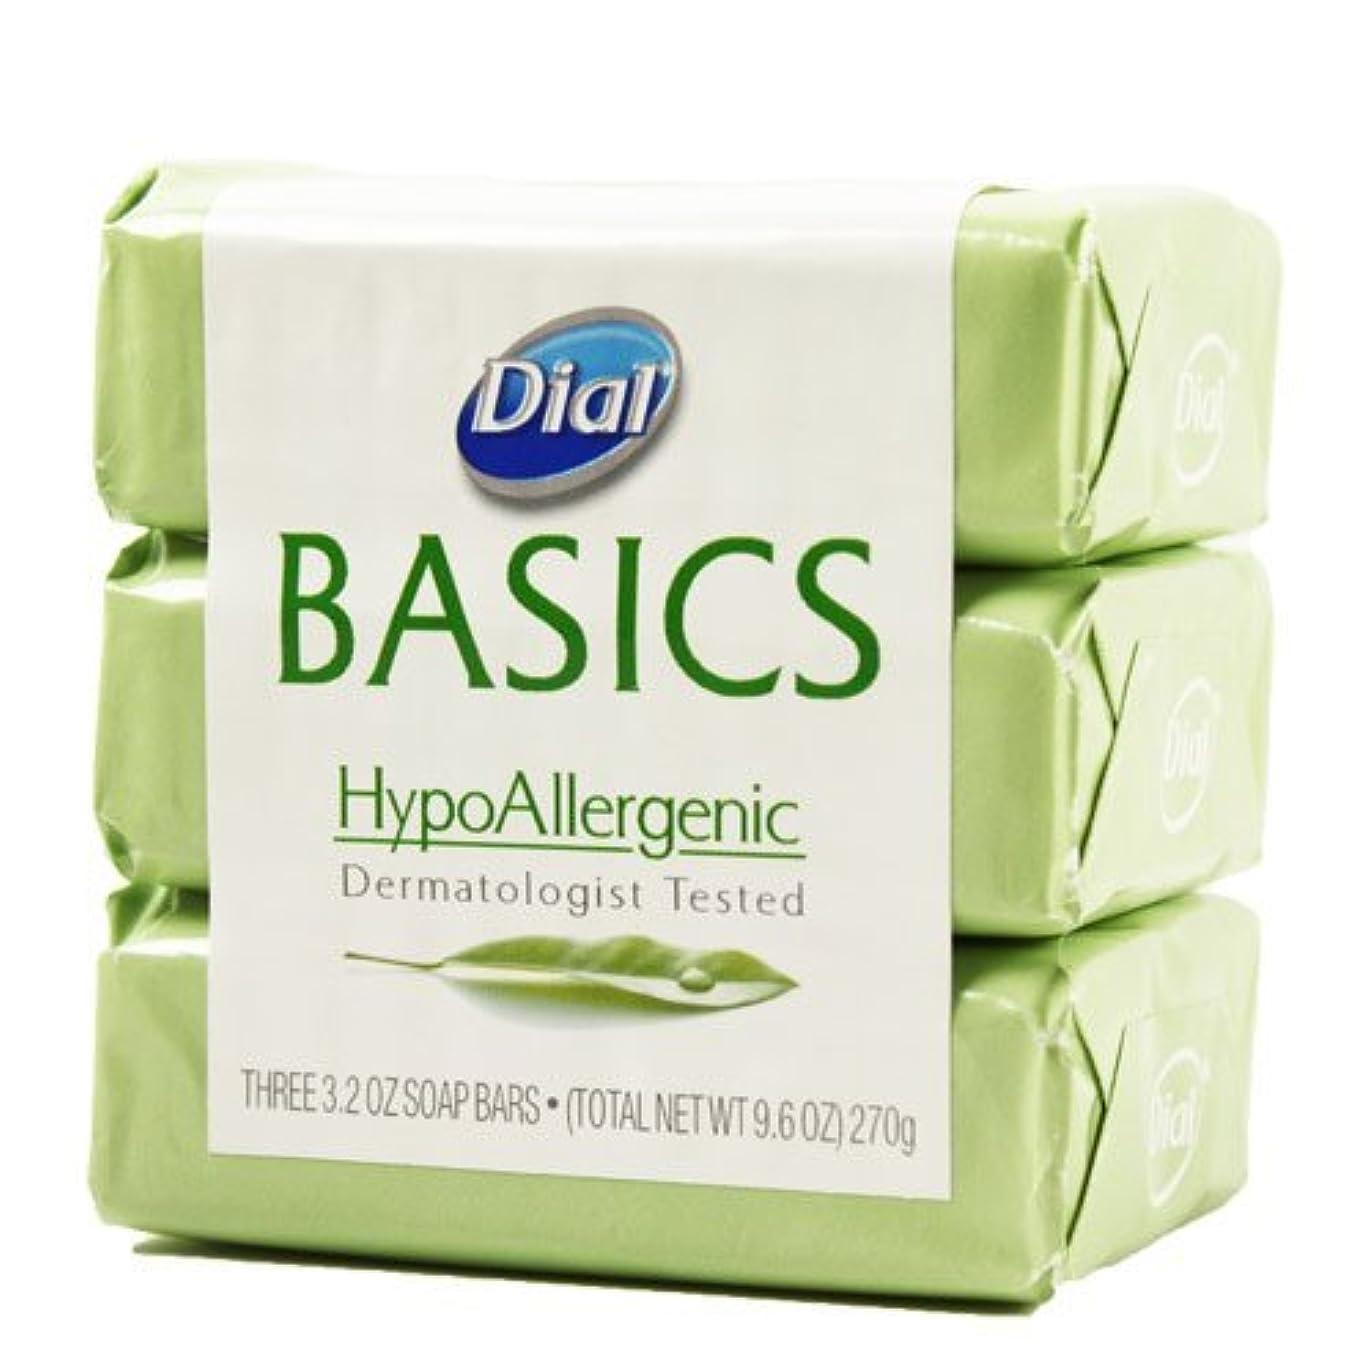 くぼみ人口あいまいDial Basics HypoAllergenic Dermatologist Tested Bar Soap, 3.2 oz (18 Bars) by Basics